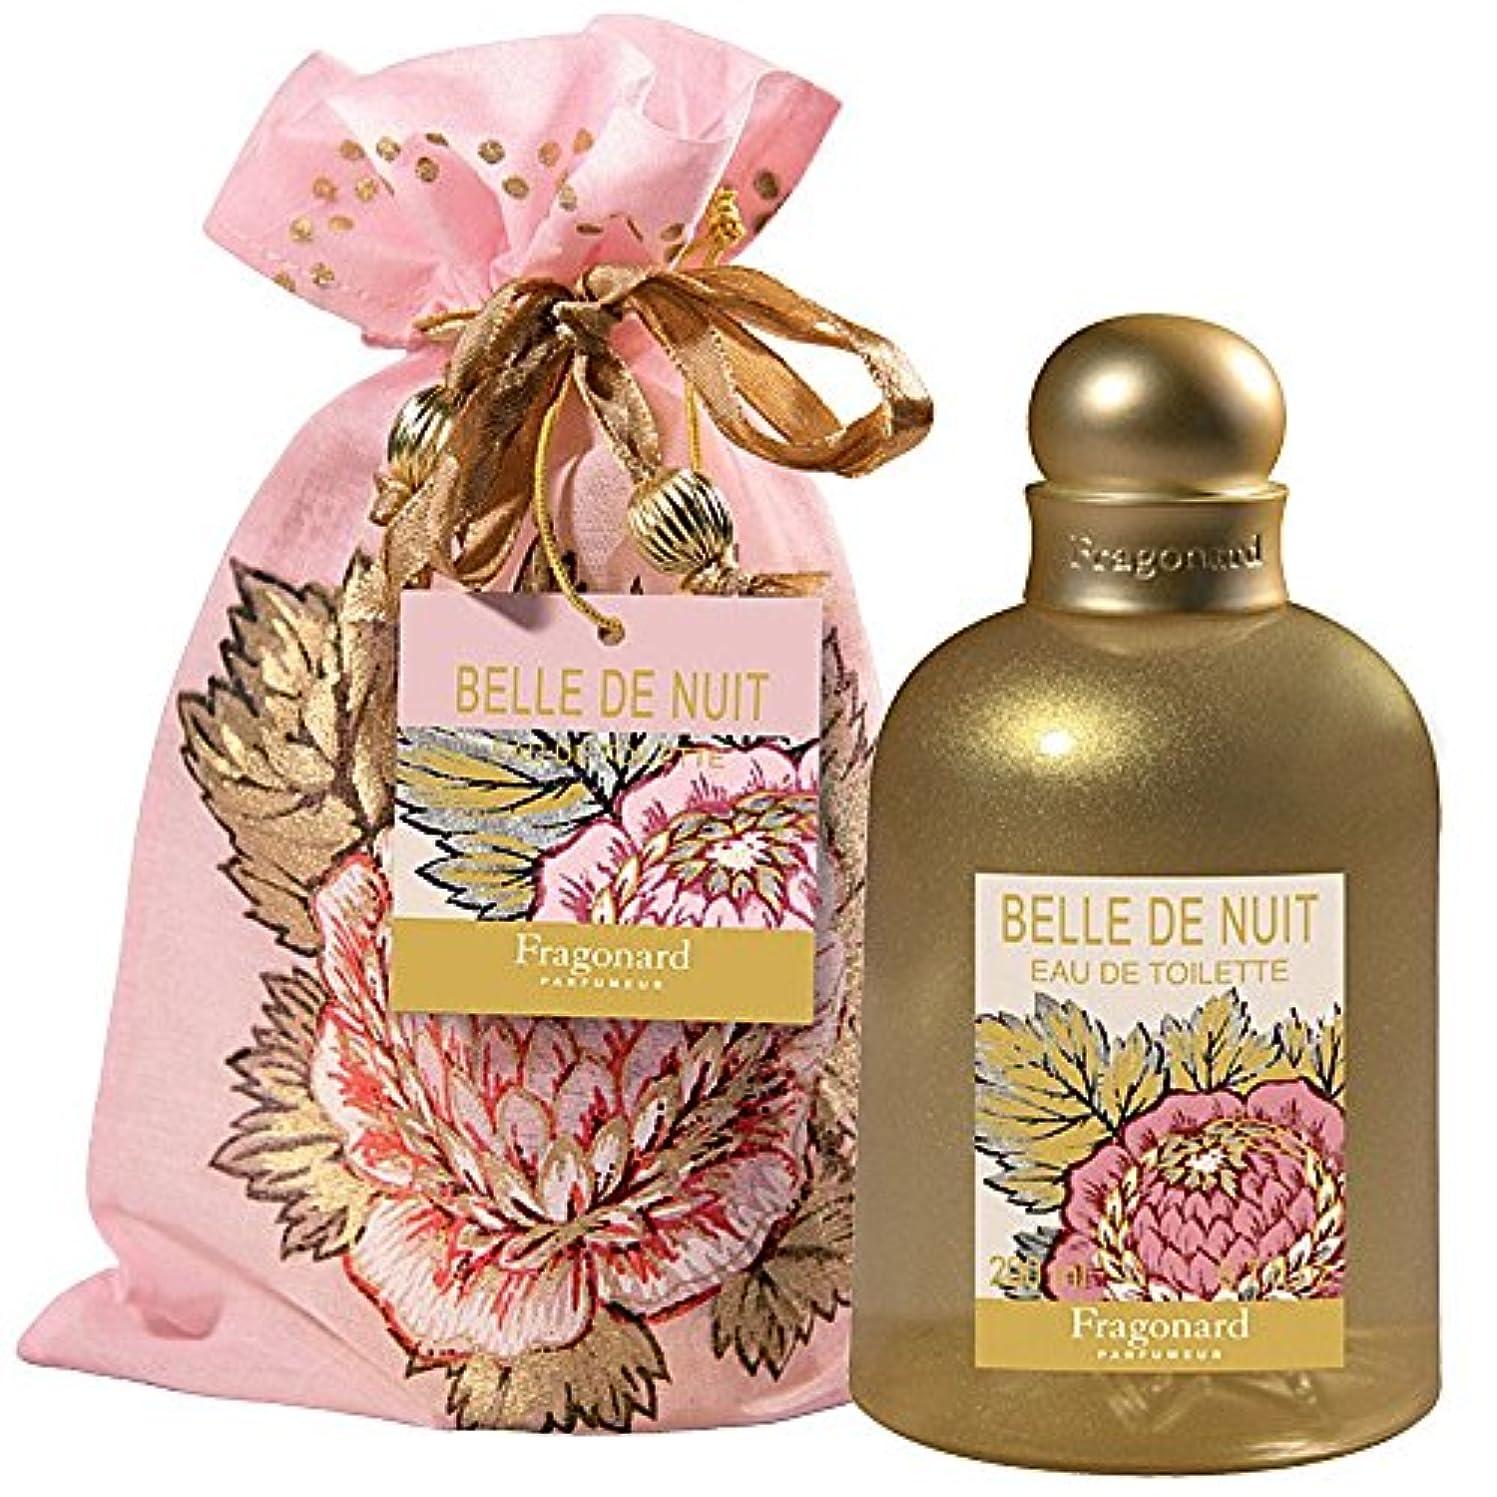 限界熱心キャンドルFragonard Belle de Nuit (フラゴナール ベル デ ニュイ) 6.8 oz (200ml) EDT Spray for Women